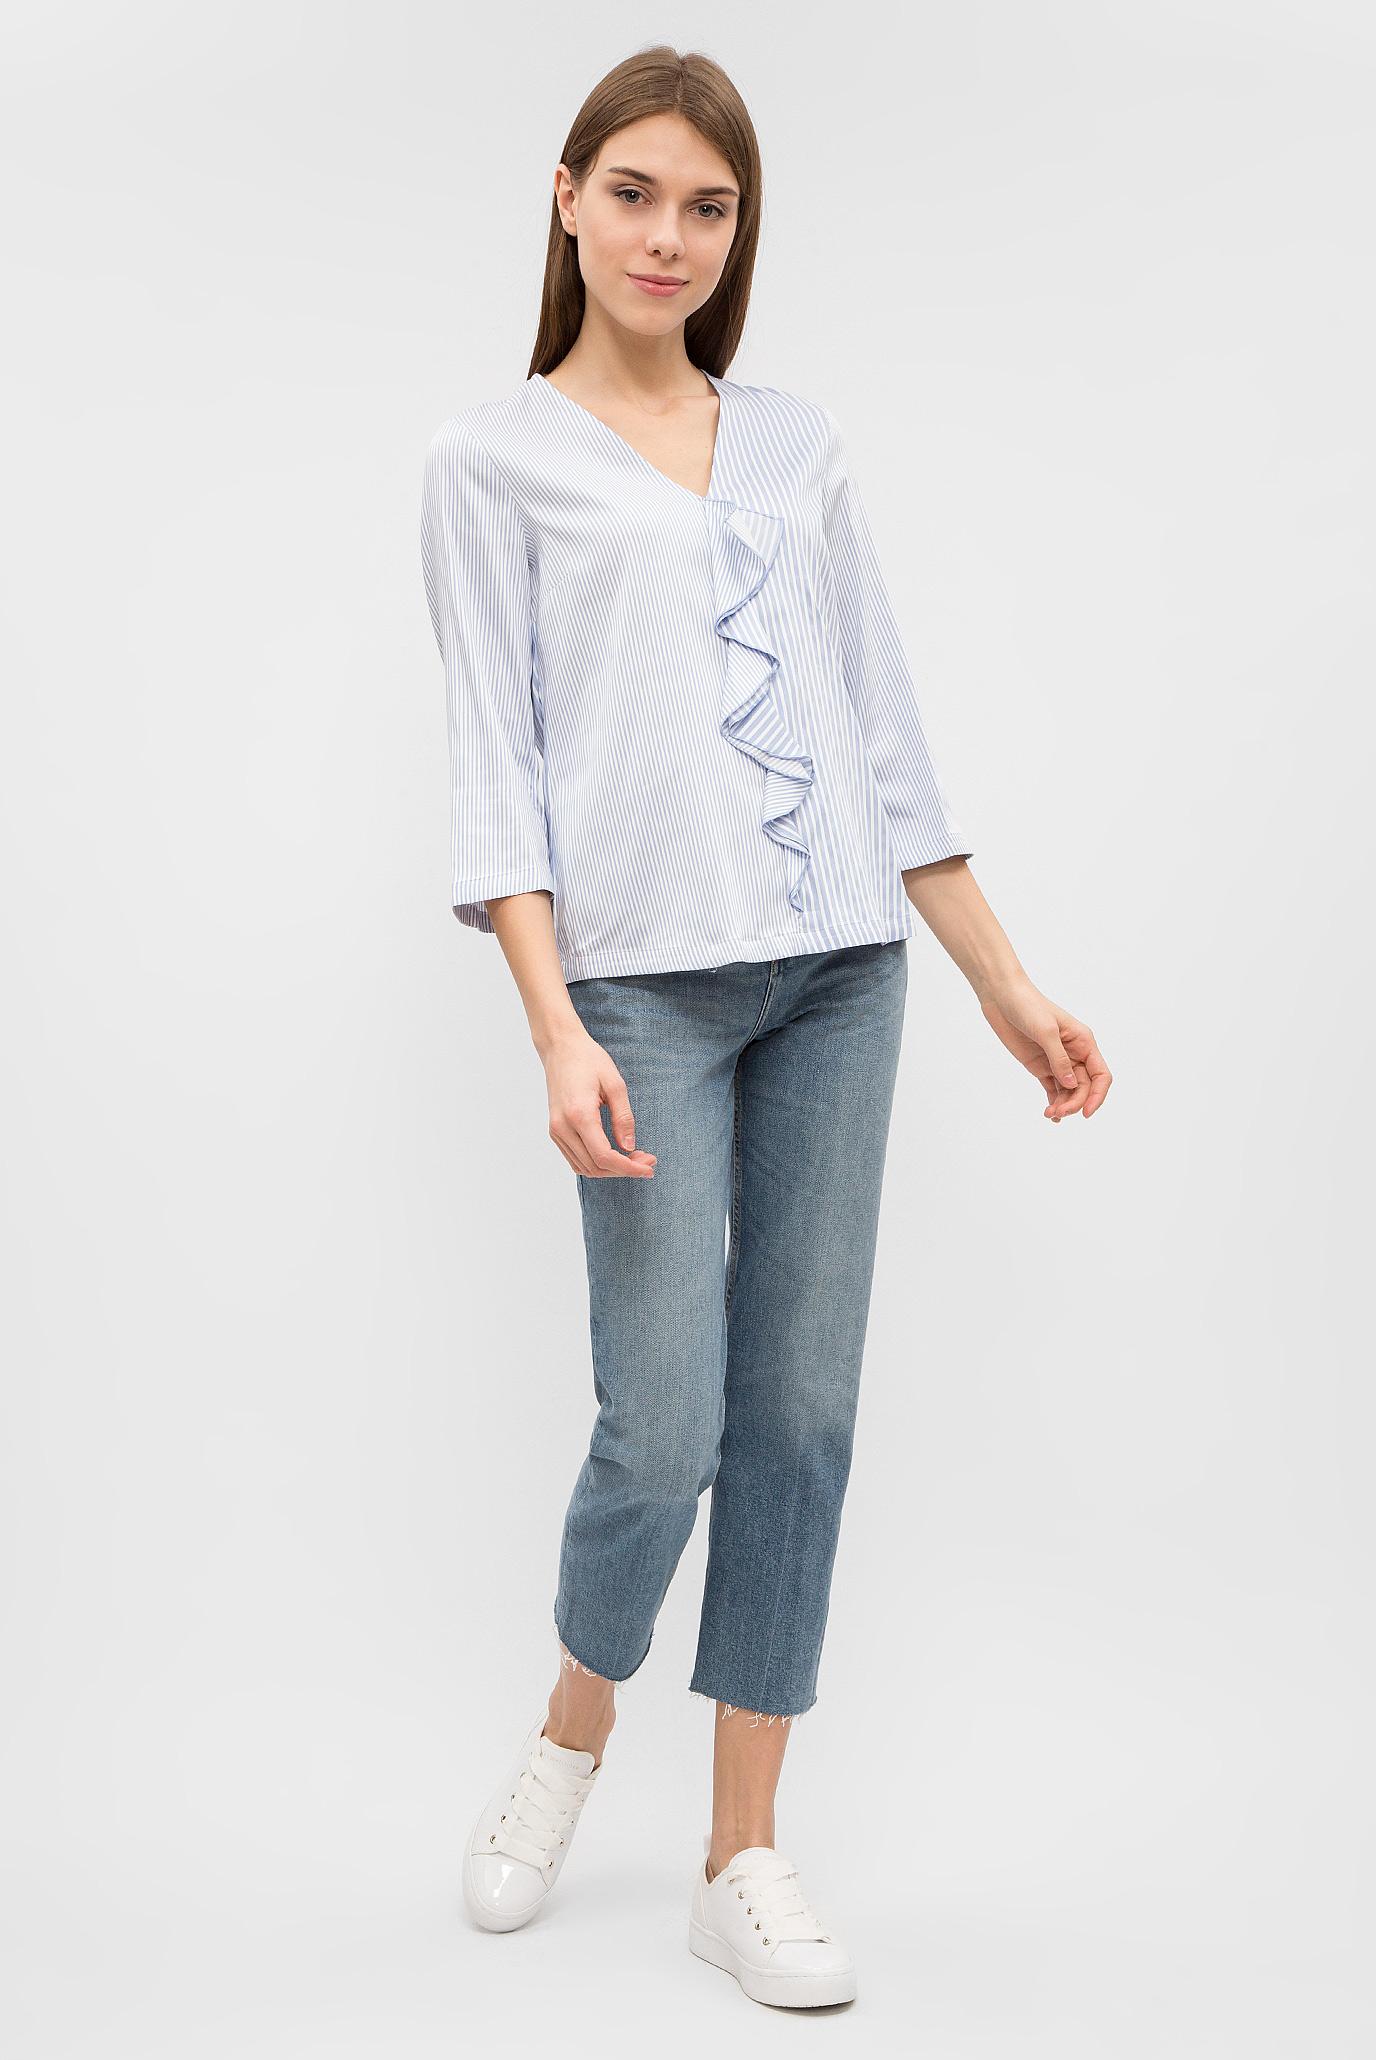 Купить Женская голубая блуза в полоску Tommy Hilfiger Tommy Hilfiger WW0WW20890 – Киев, Украина. Цены в интернет магазине MD Fashion